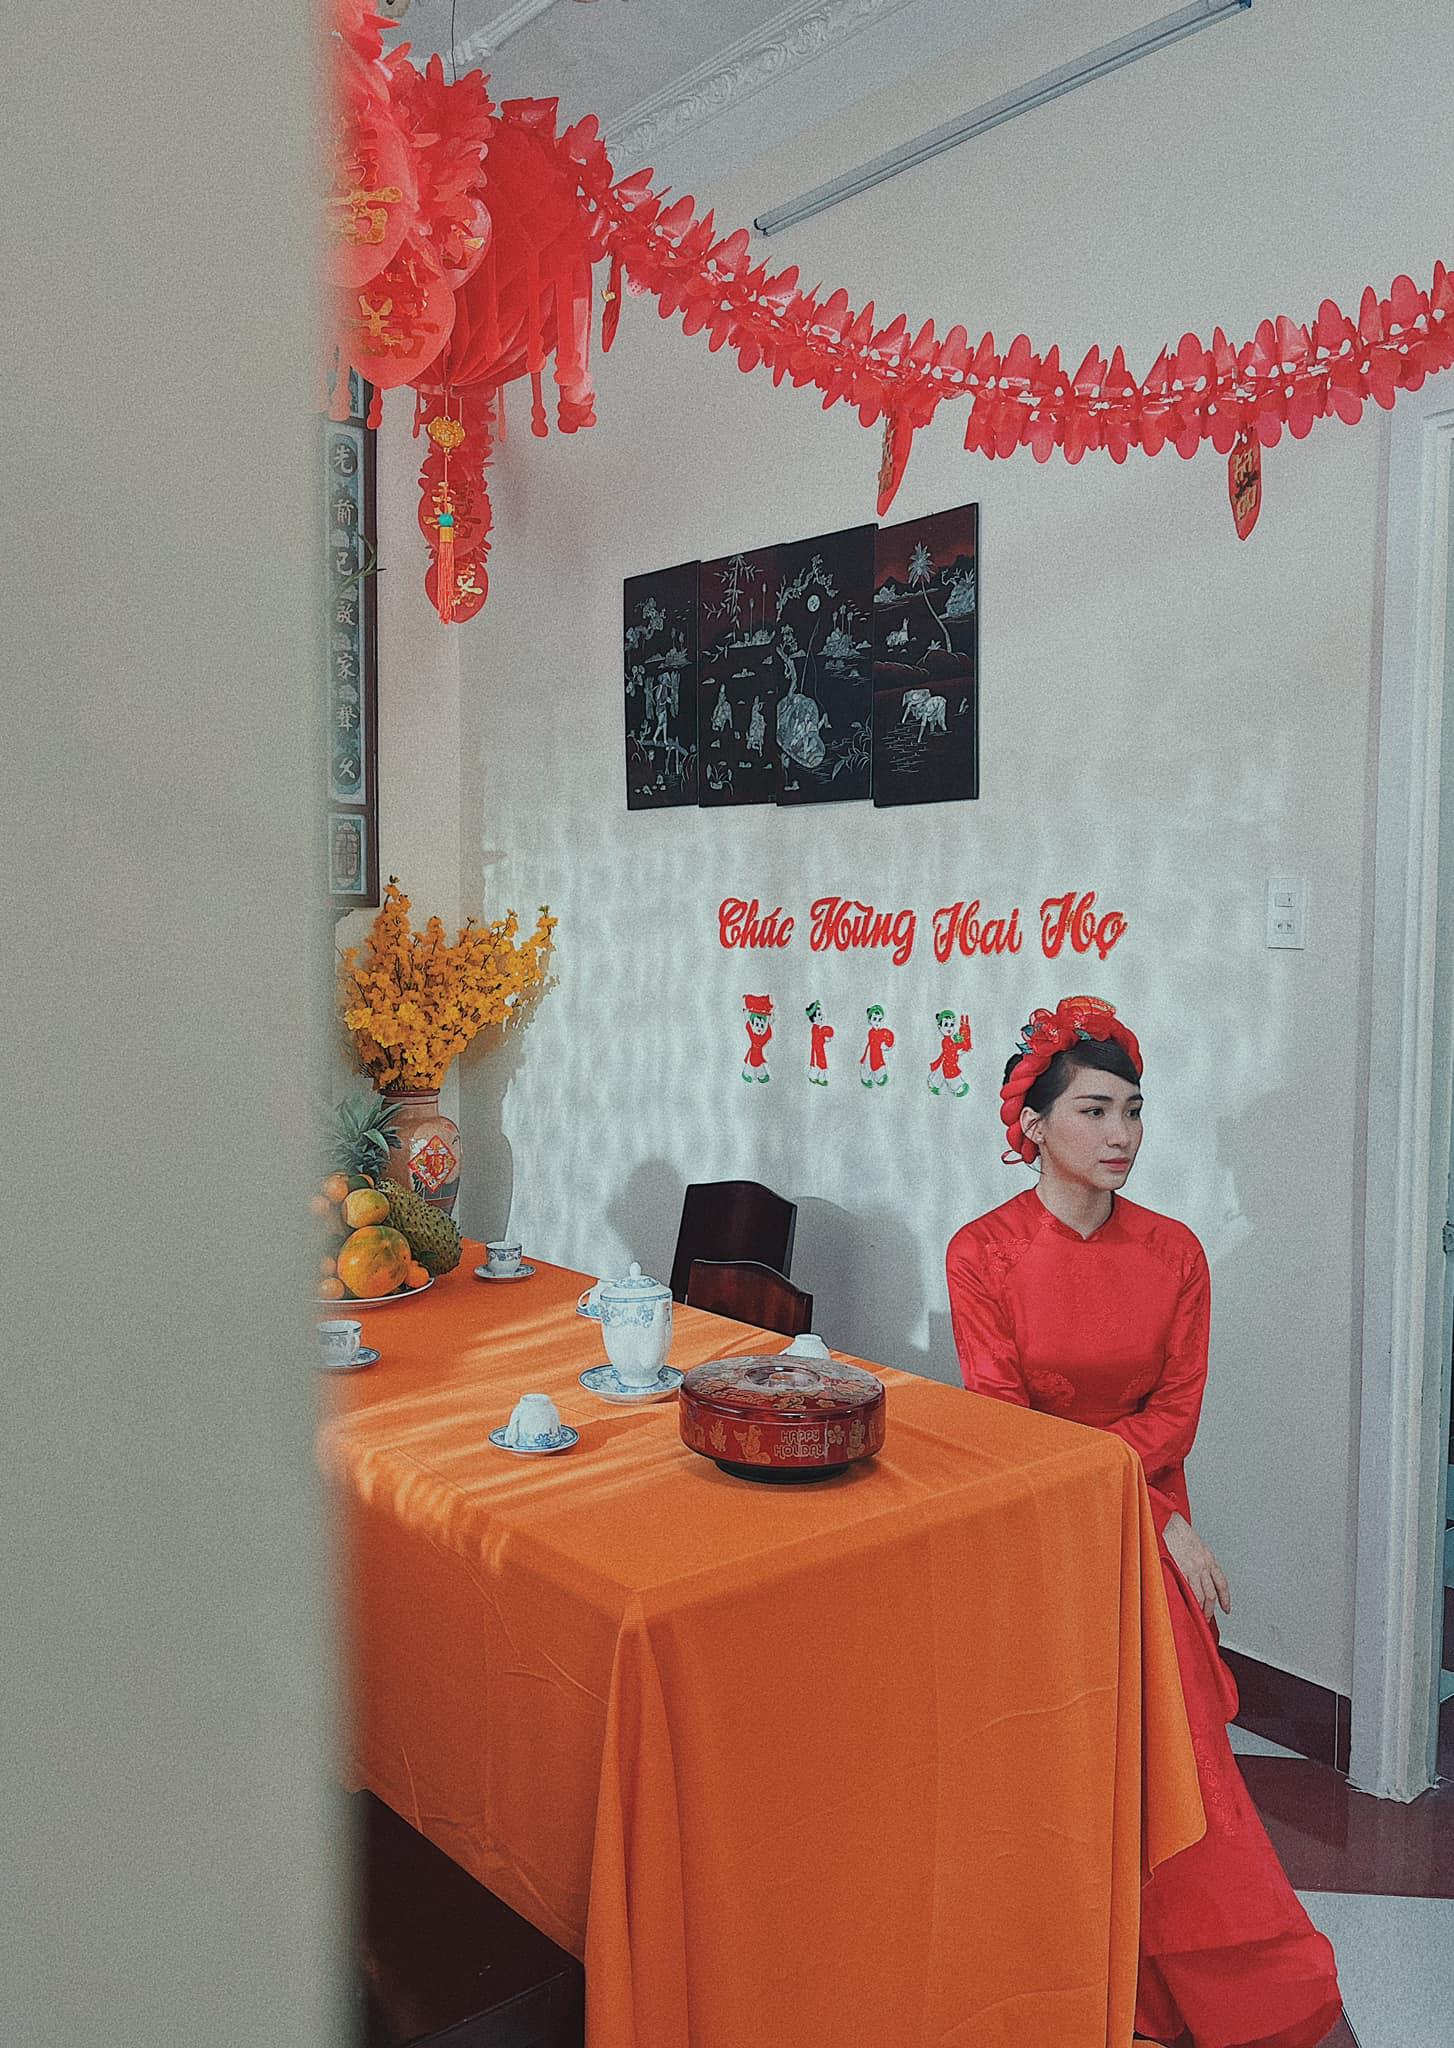 Xôn xao hình ảnh Hòa Minzy mặc áo dài đỏ trong đám cưới: Ngày lên xe hoa với bạn trai đã cận kề?